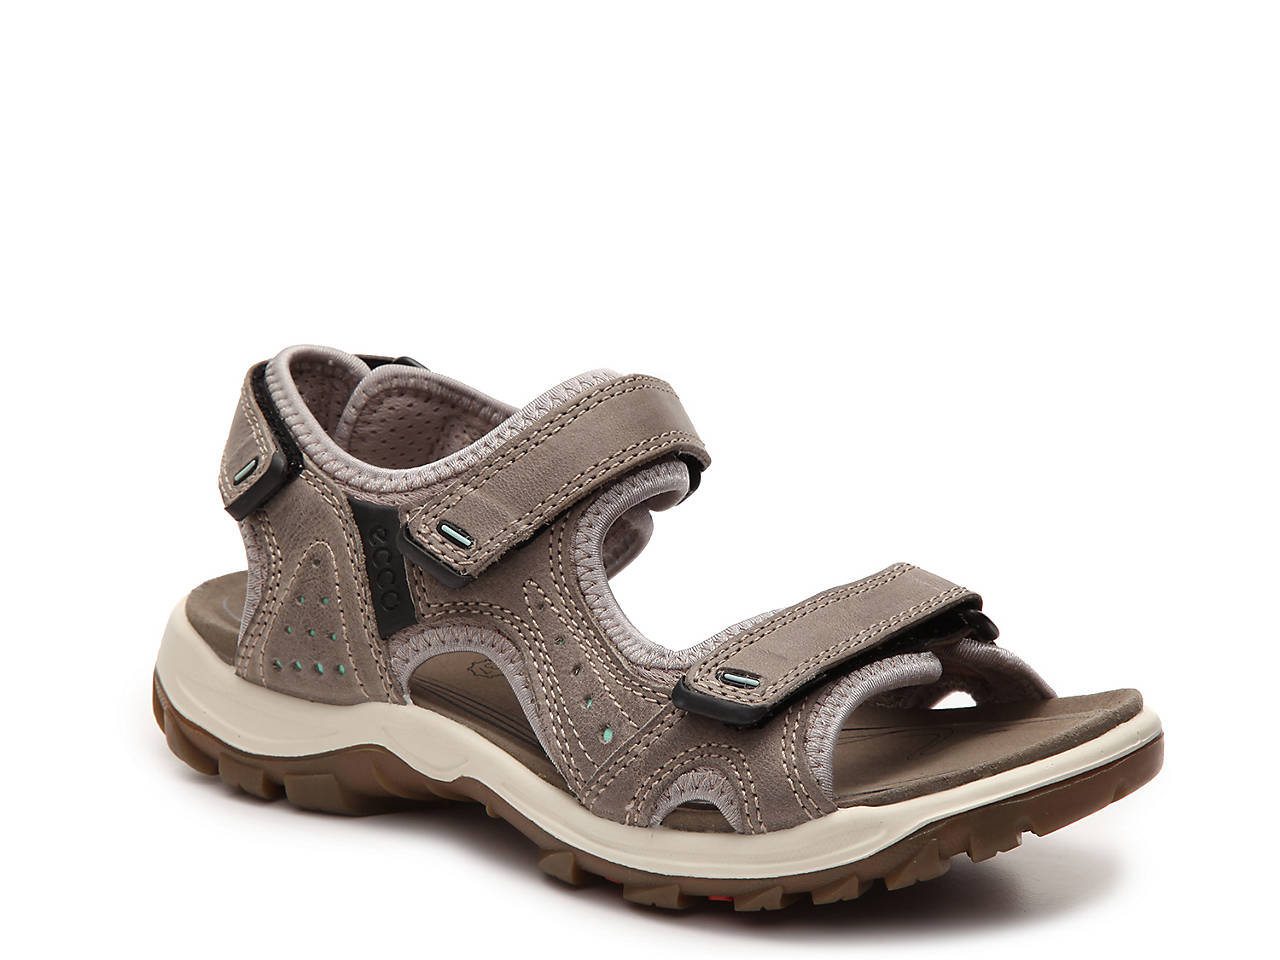 5044a6c7ea2f ECCO Cheja Sport Sandal Women s Shoes